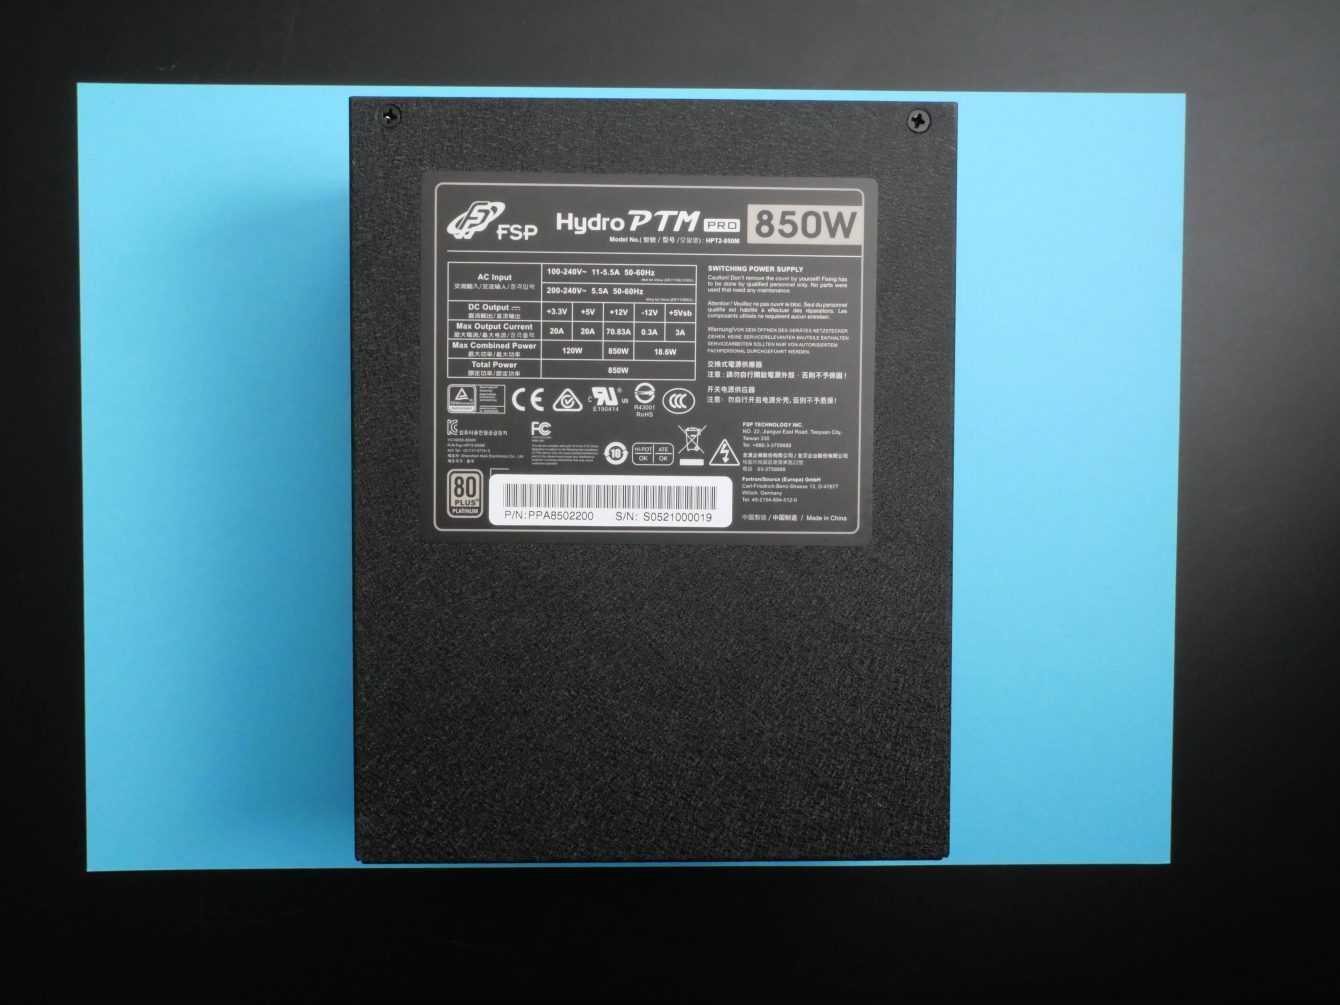 Recensione Hydro PTM PRO 850 W: l'alimentatore che non ti aspetti